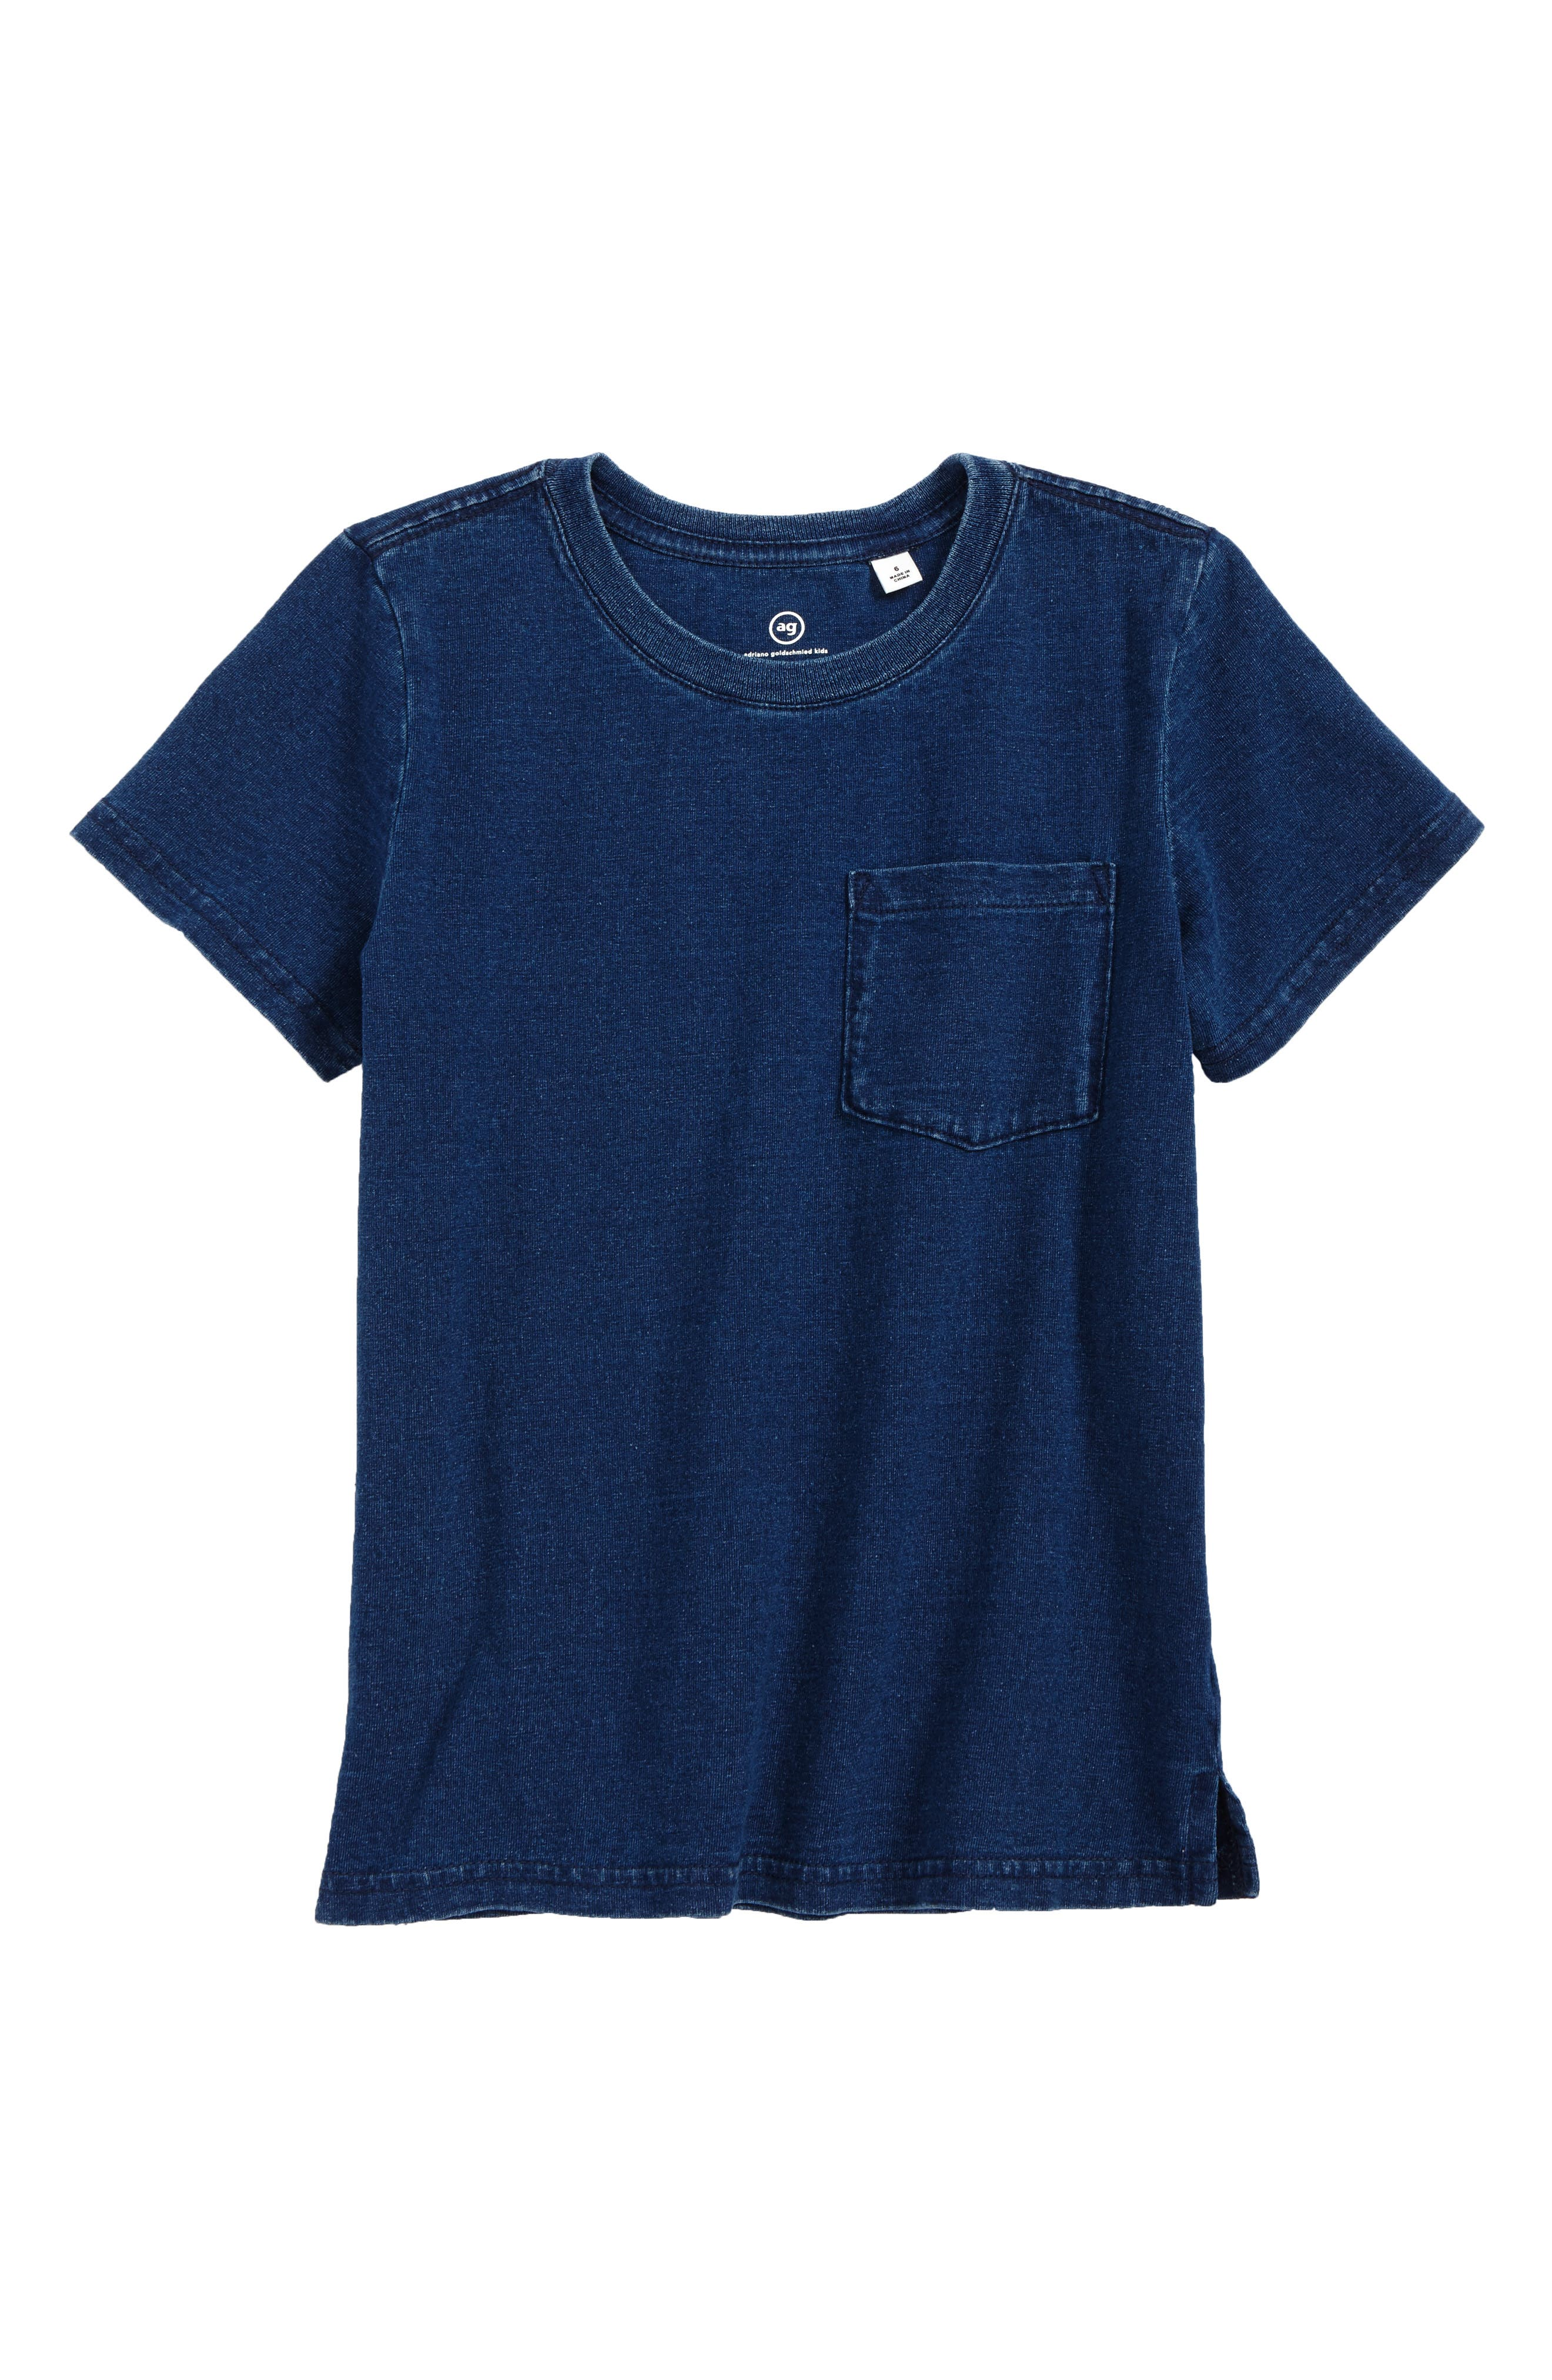 AG Pigment T-Shirt,                         Main,                         color, Slate Indigo